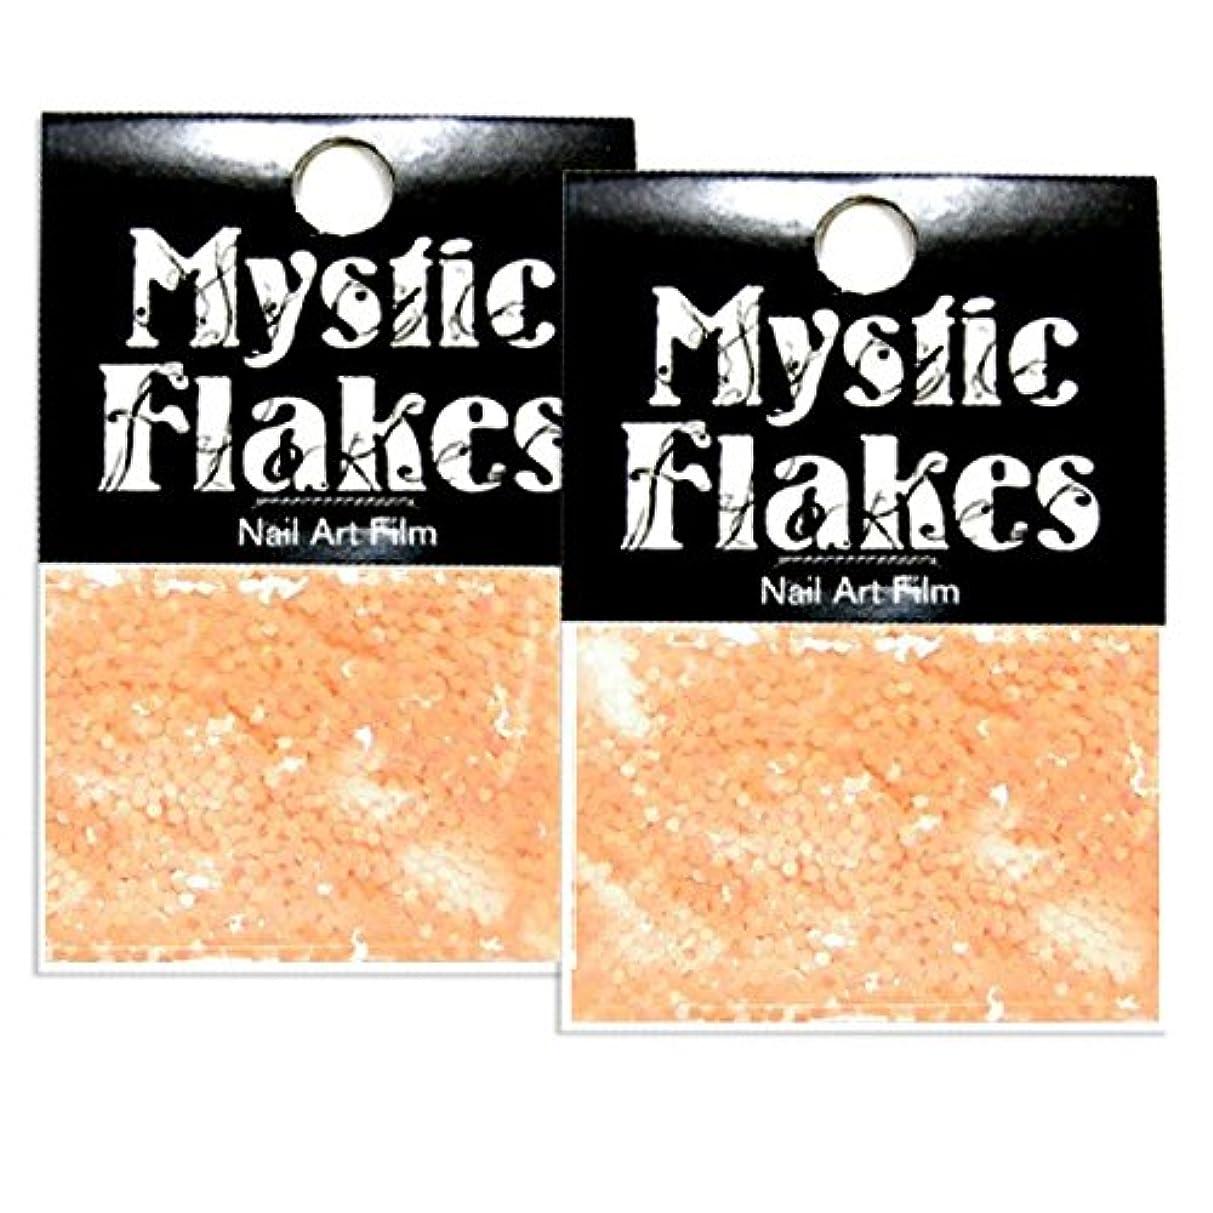 湿ったエステートディスパッチミスティックフレース ネイル用ストーン ルミネオレンジ ヘキサゴン 1mm 0.5g 2個セット